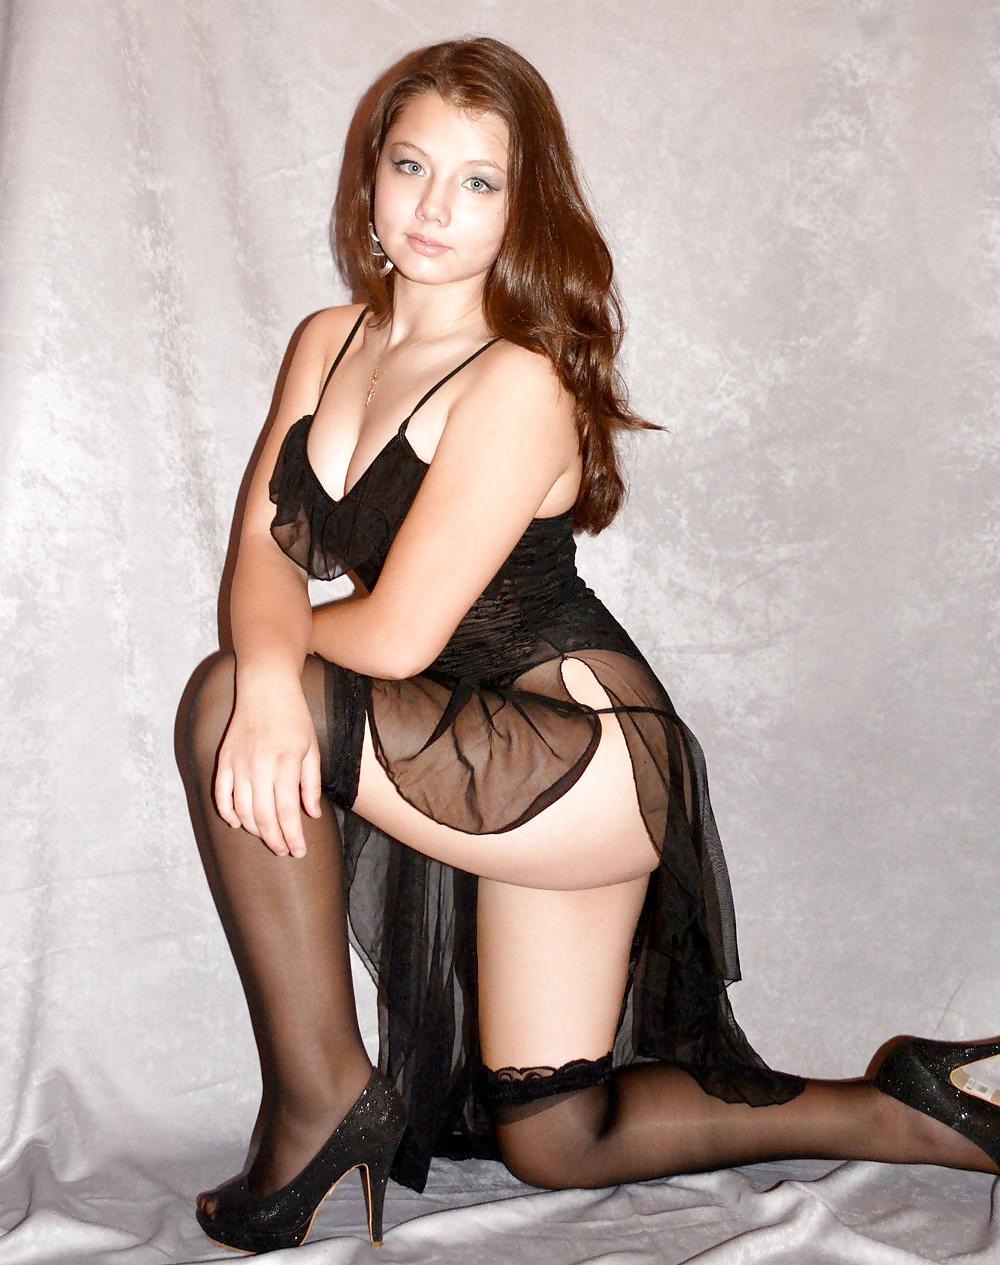 photo sexe pour amateur de maman salopes du 09